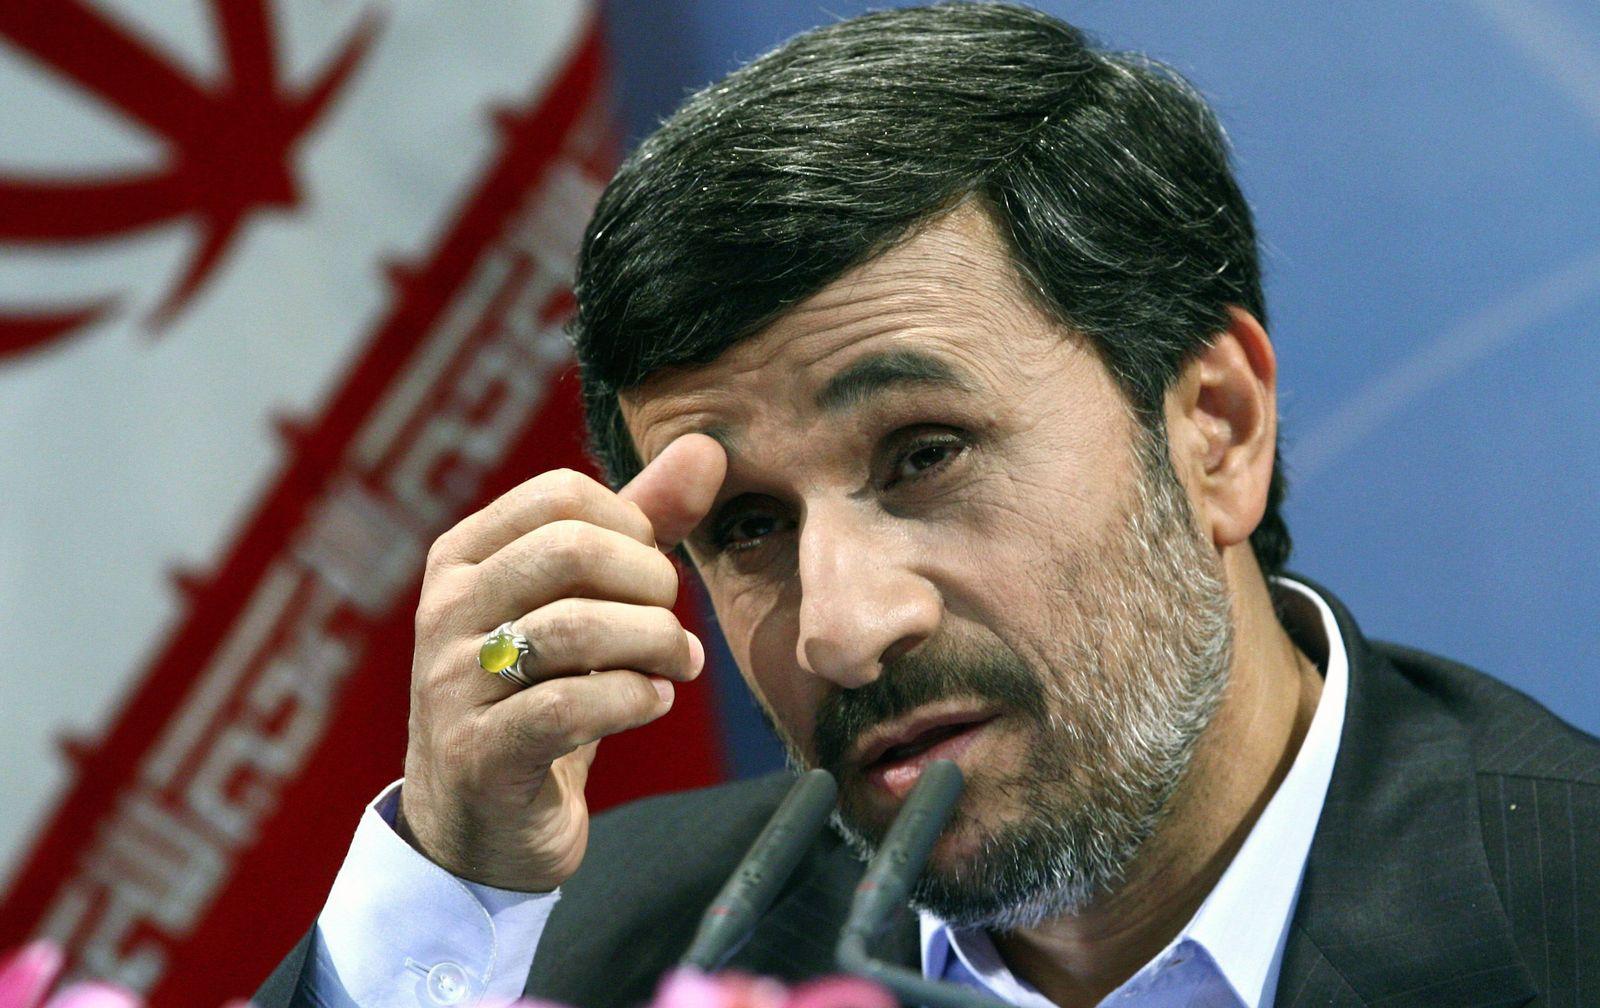 Ahmadinedschad nachdenklich